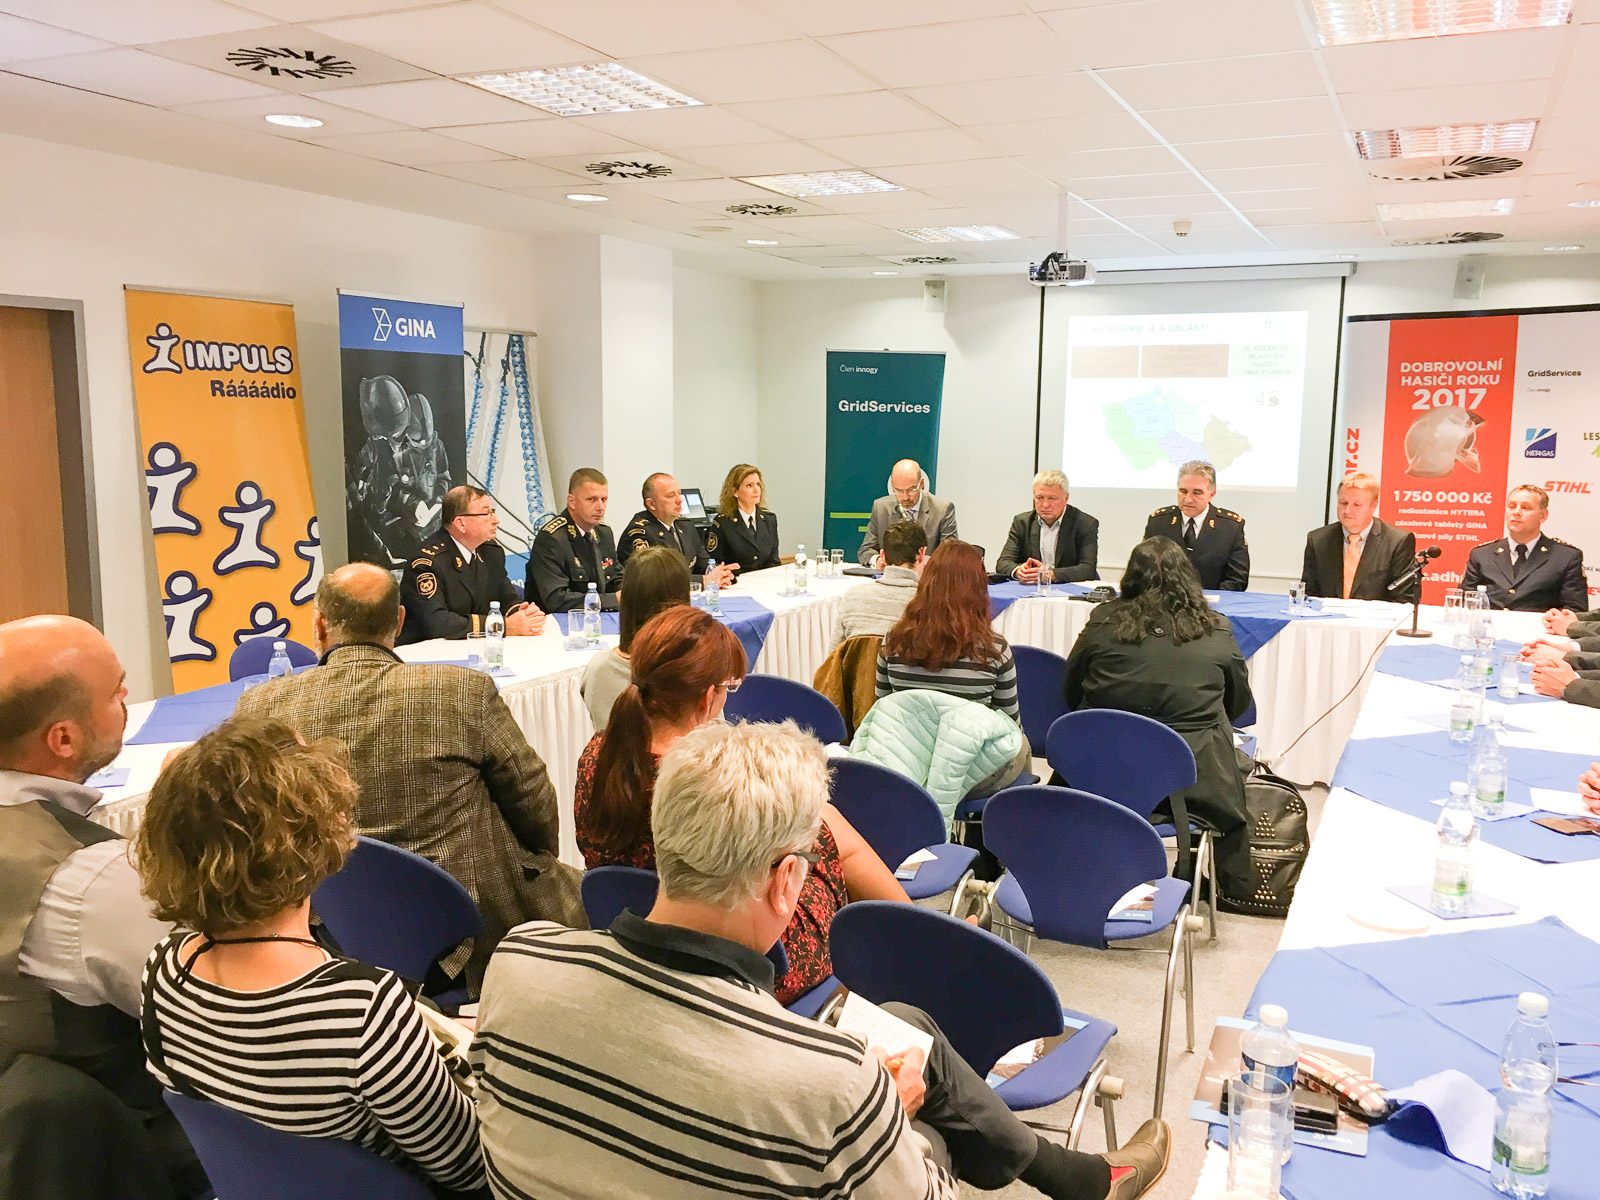 adhr-praha-tiskova-konference-09-15-2017--14